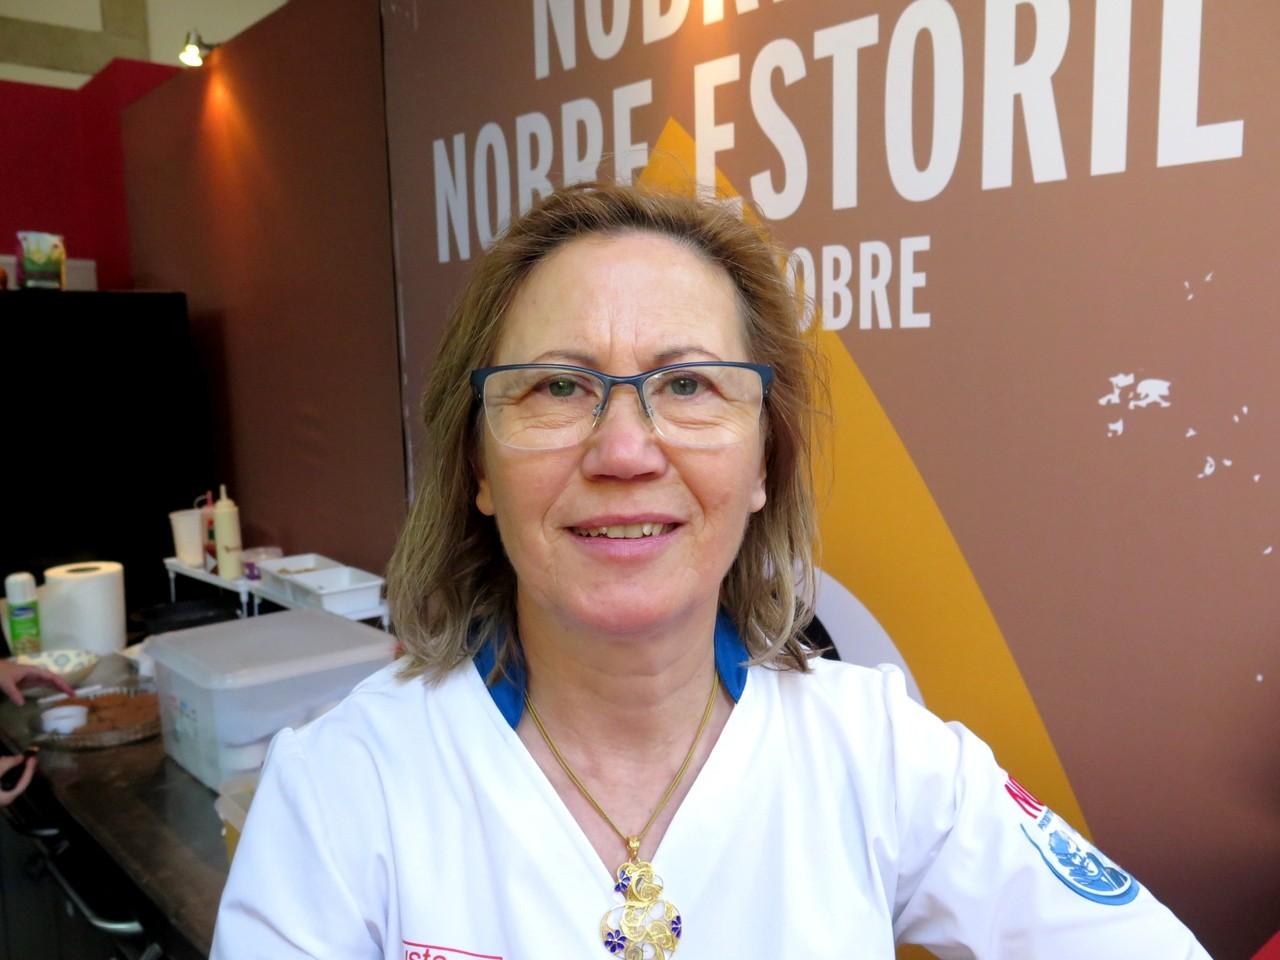 Justa Nobre